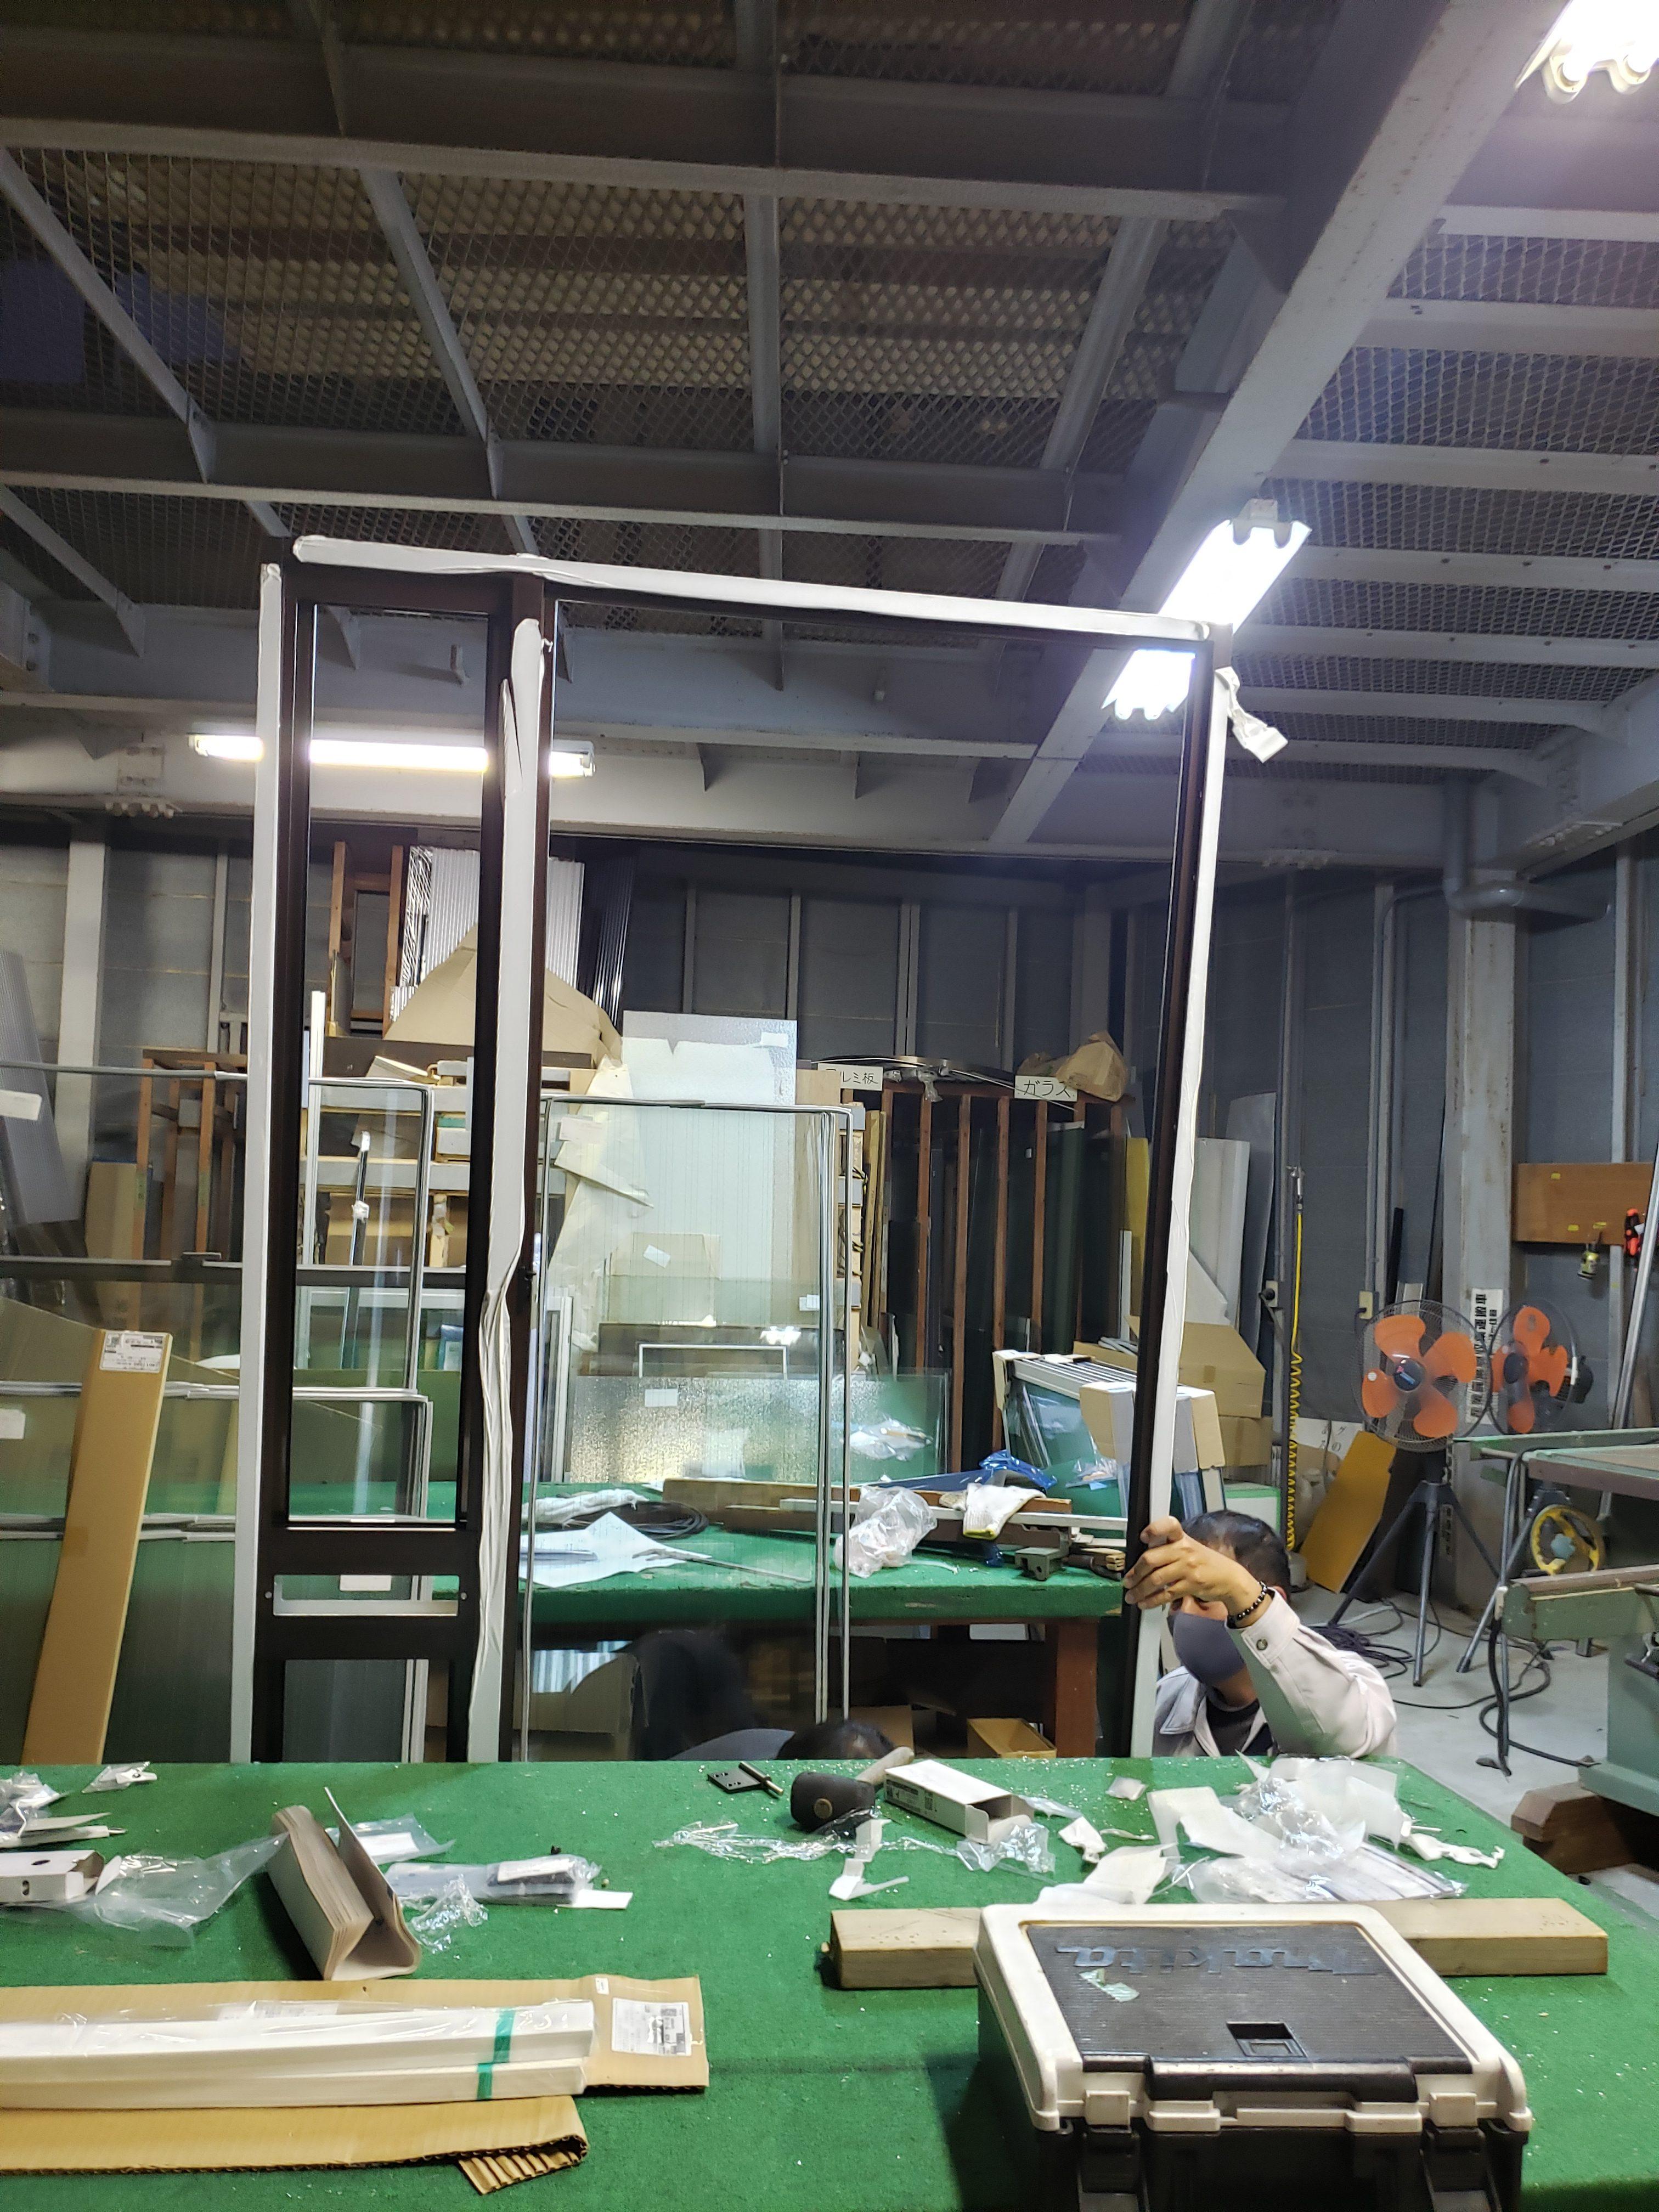 リシェント組立 ギャラリーパティオの現場ブログ メイン写真